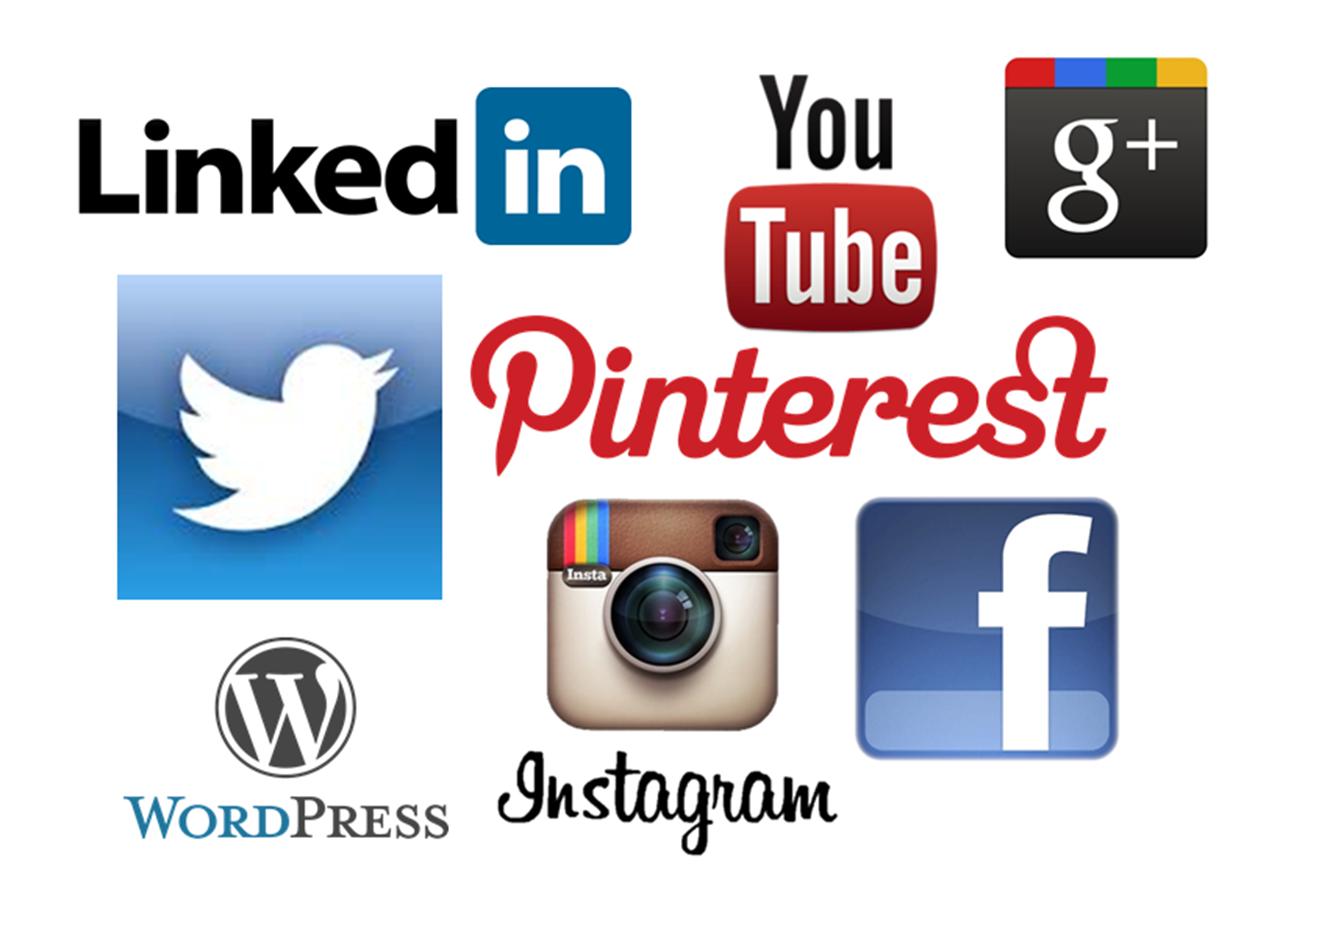 Twitter, Facebook, Social Network, follow me, apps